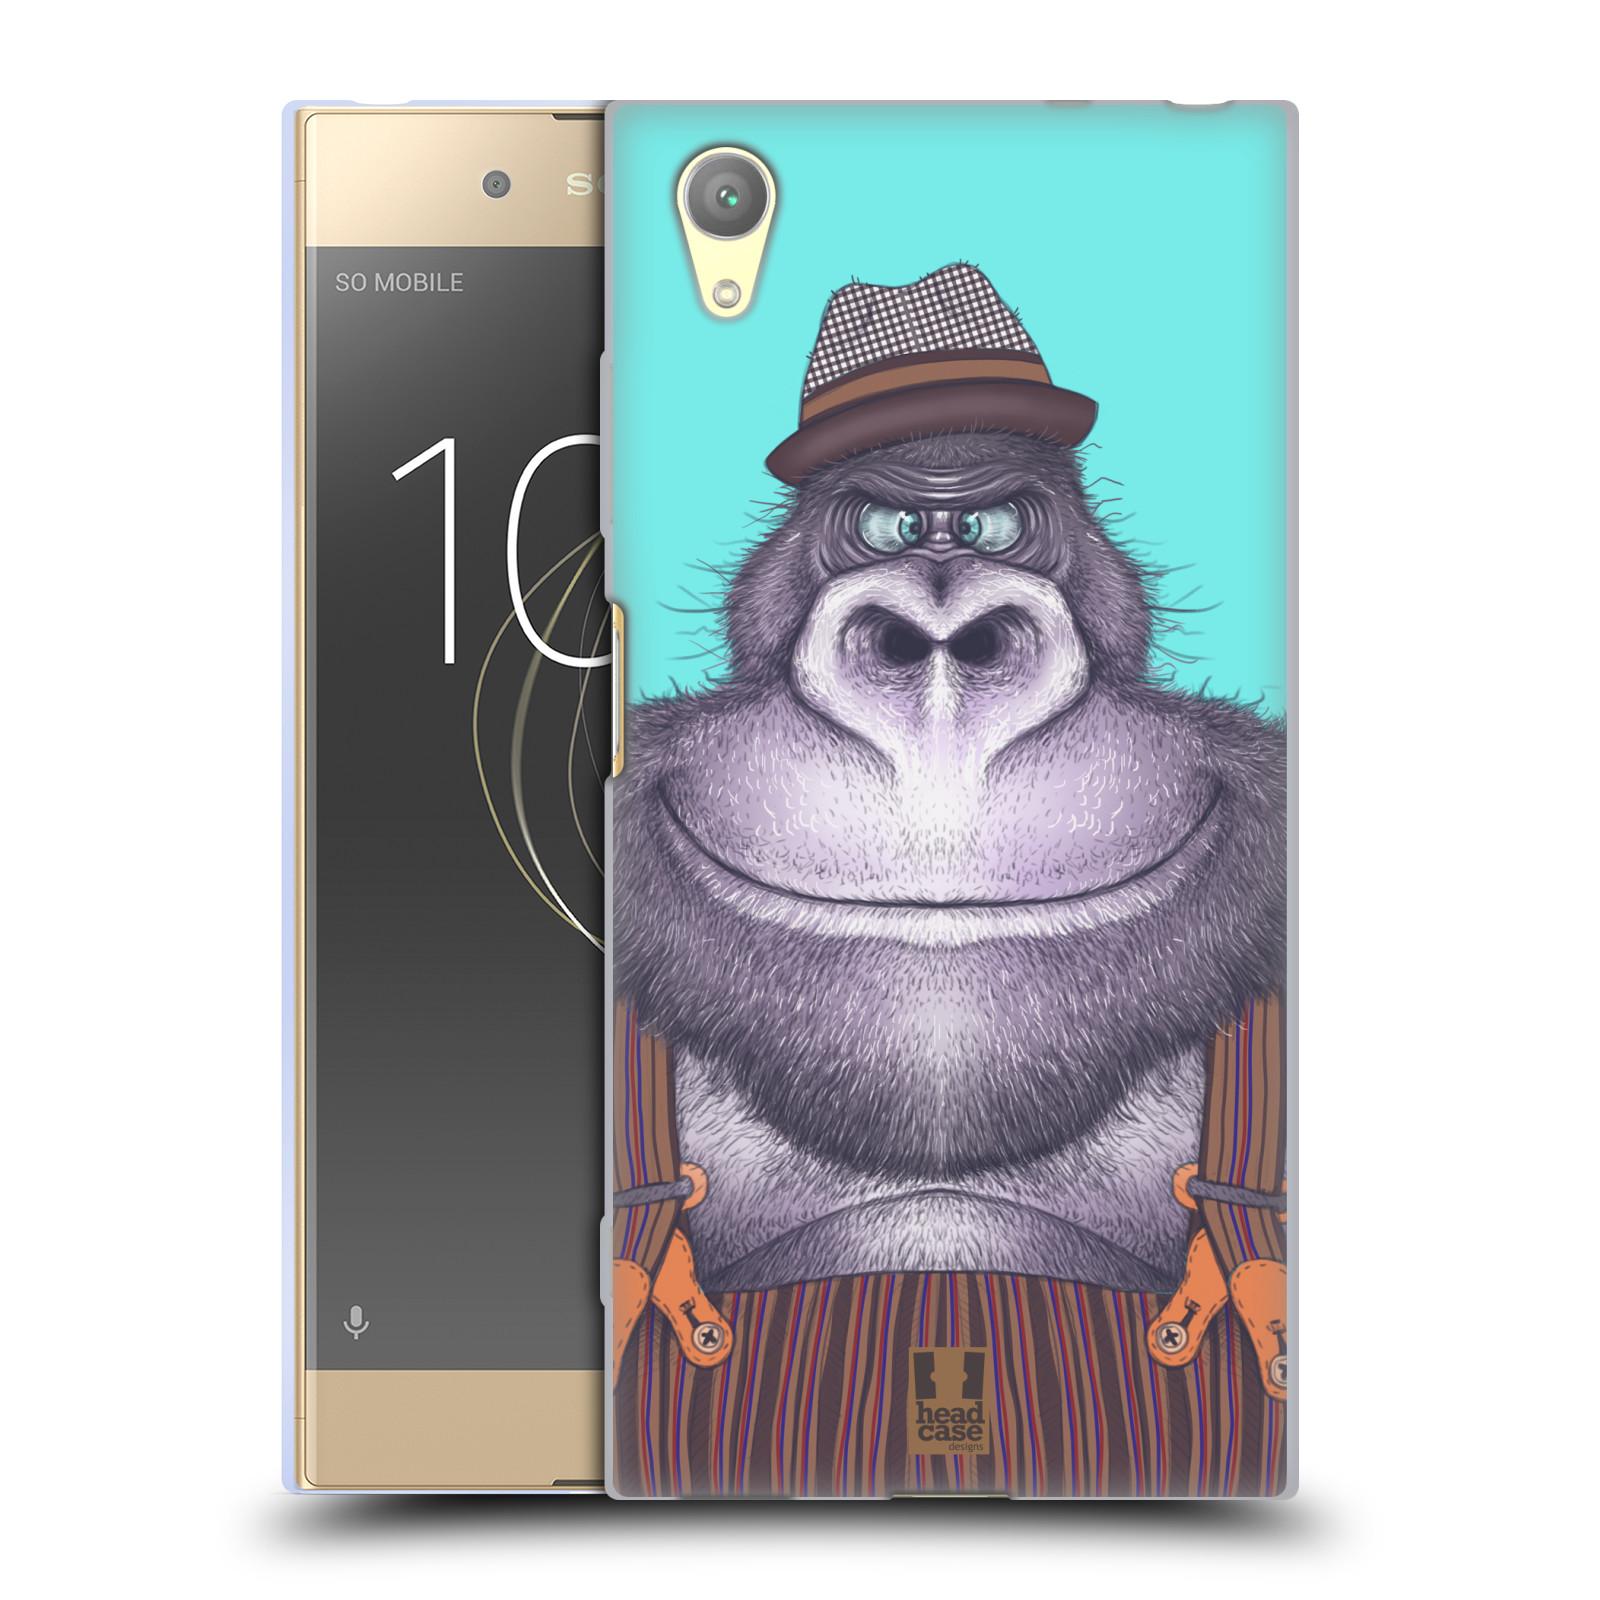 HEAD CASE silikonový obal na mobil Sony Xperia XA1 PLUS vzor Kreslená zvířátka gorila